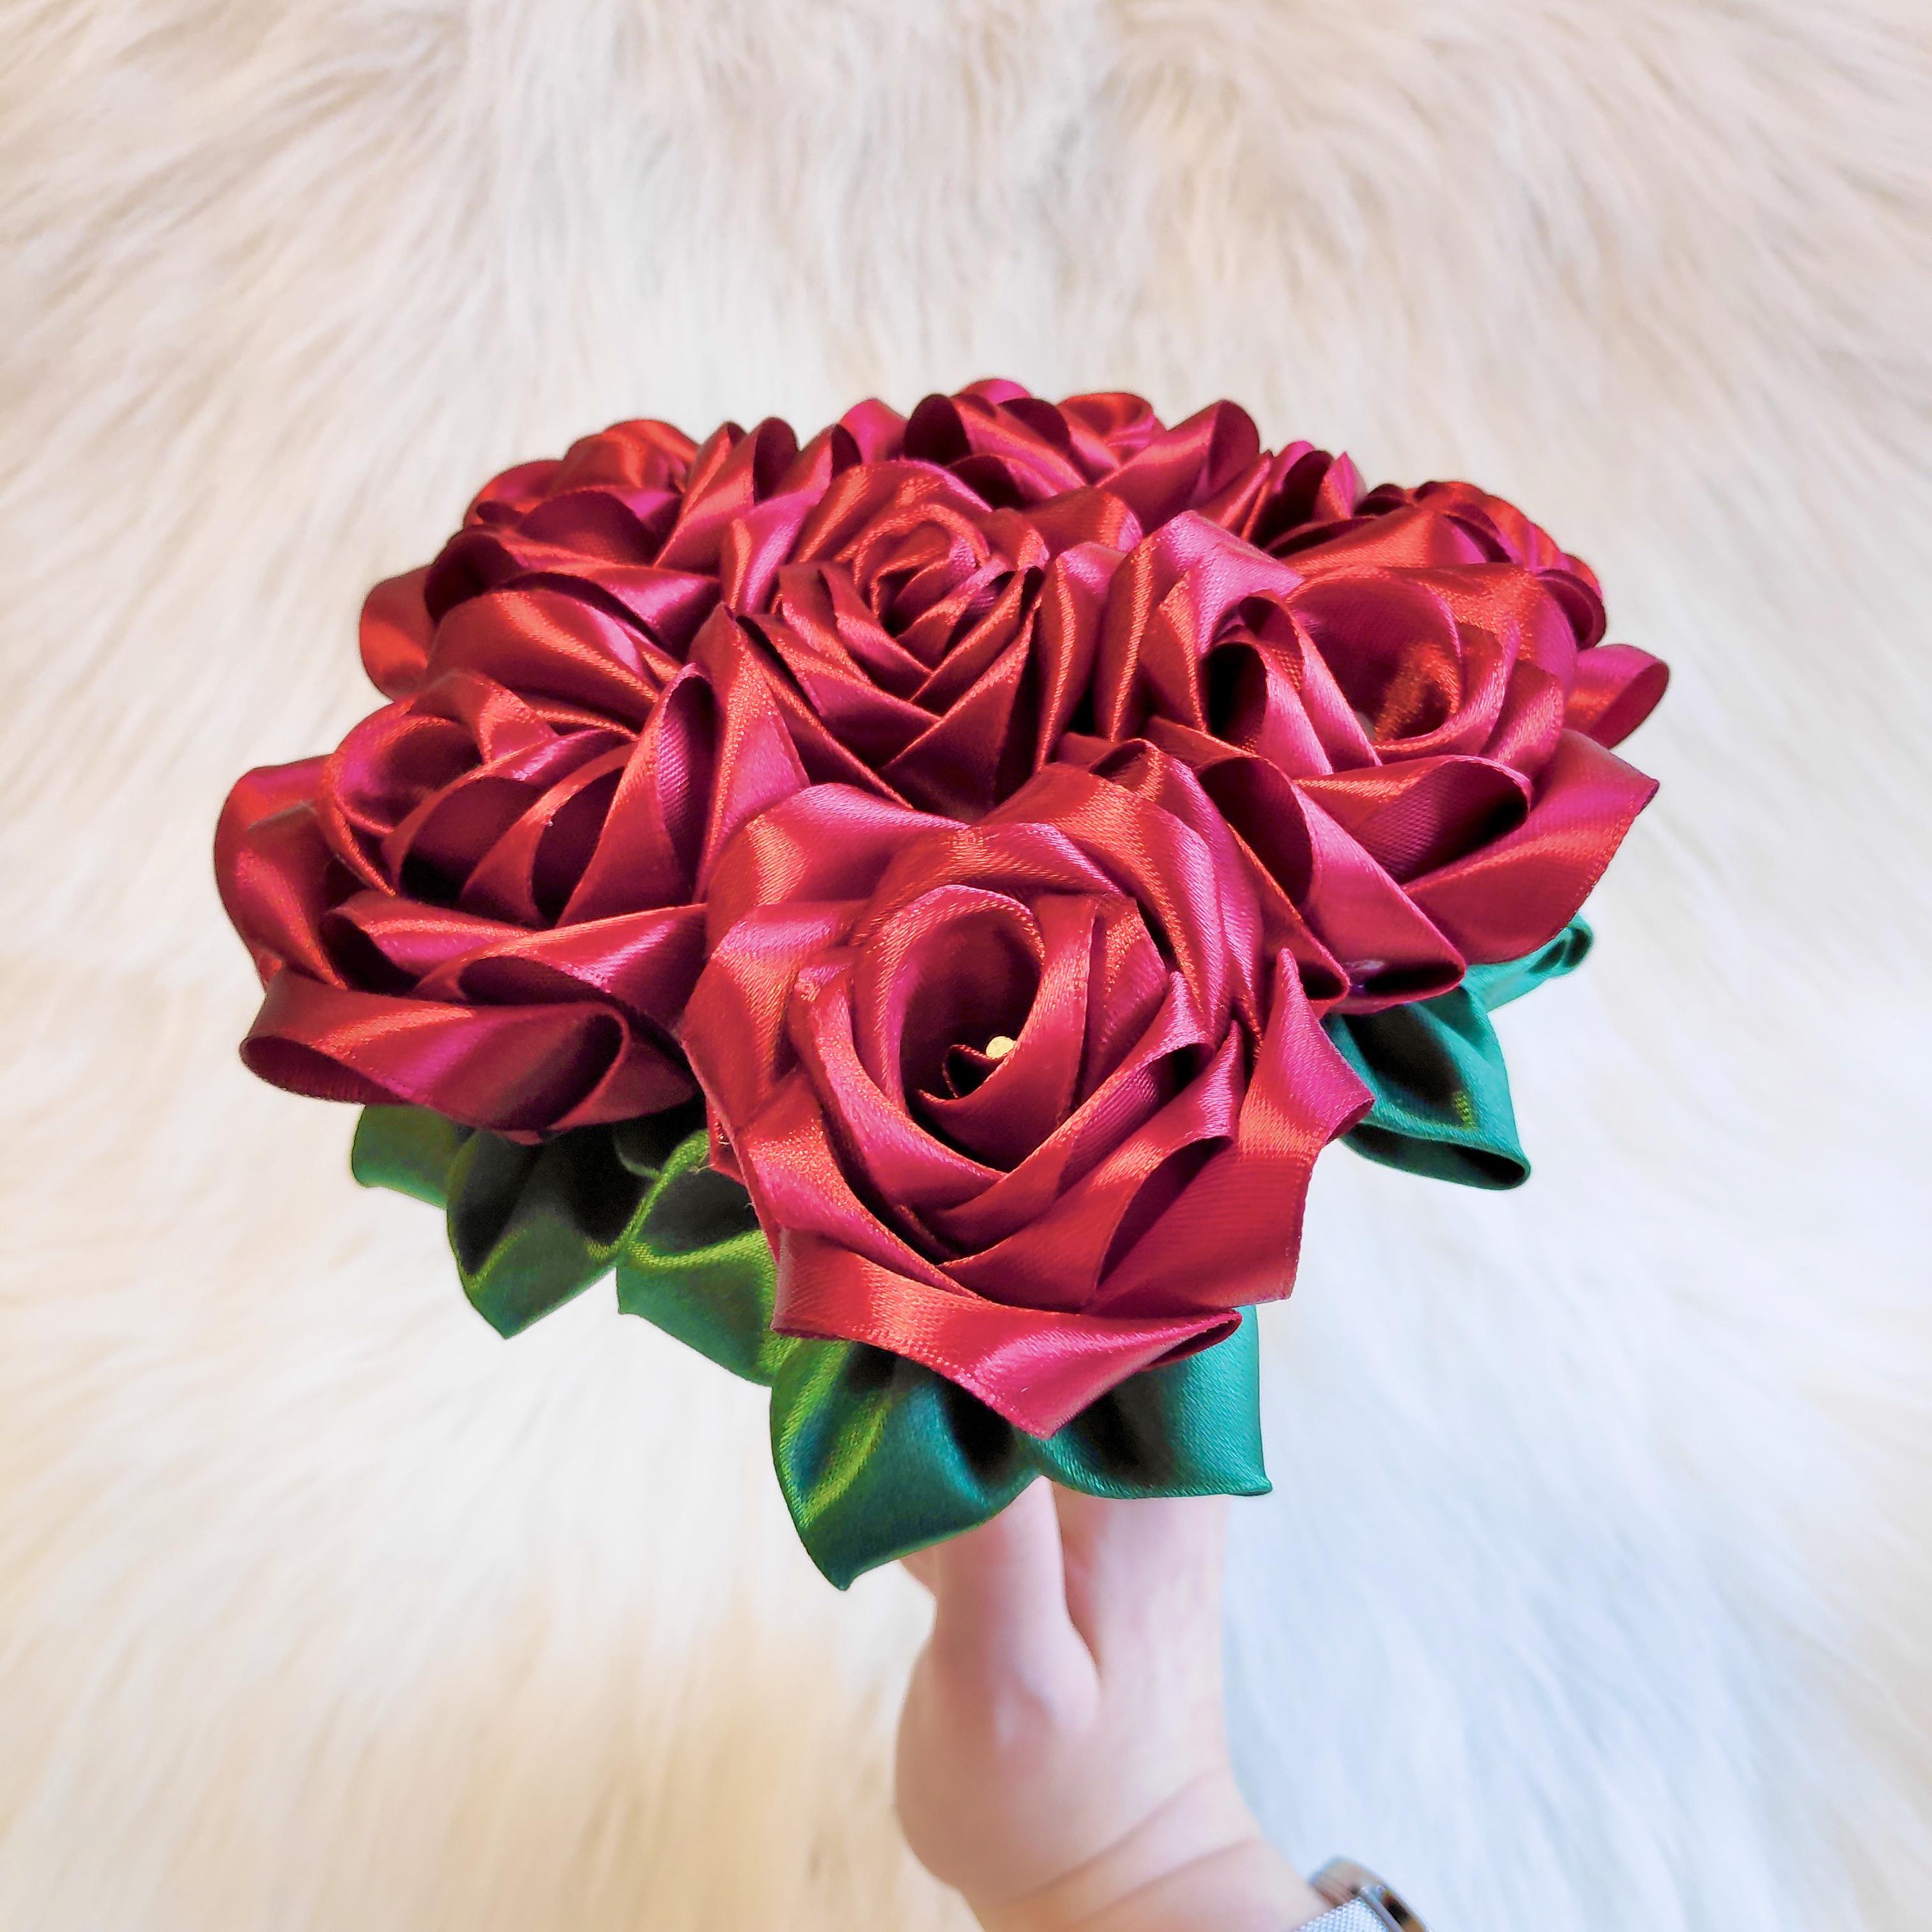 7 Rose Bouquet